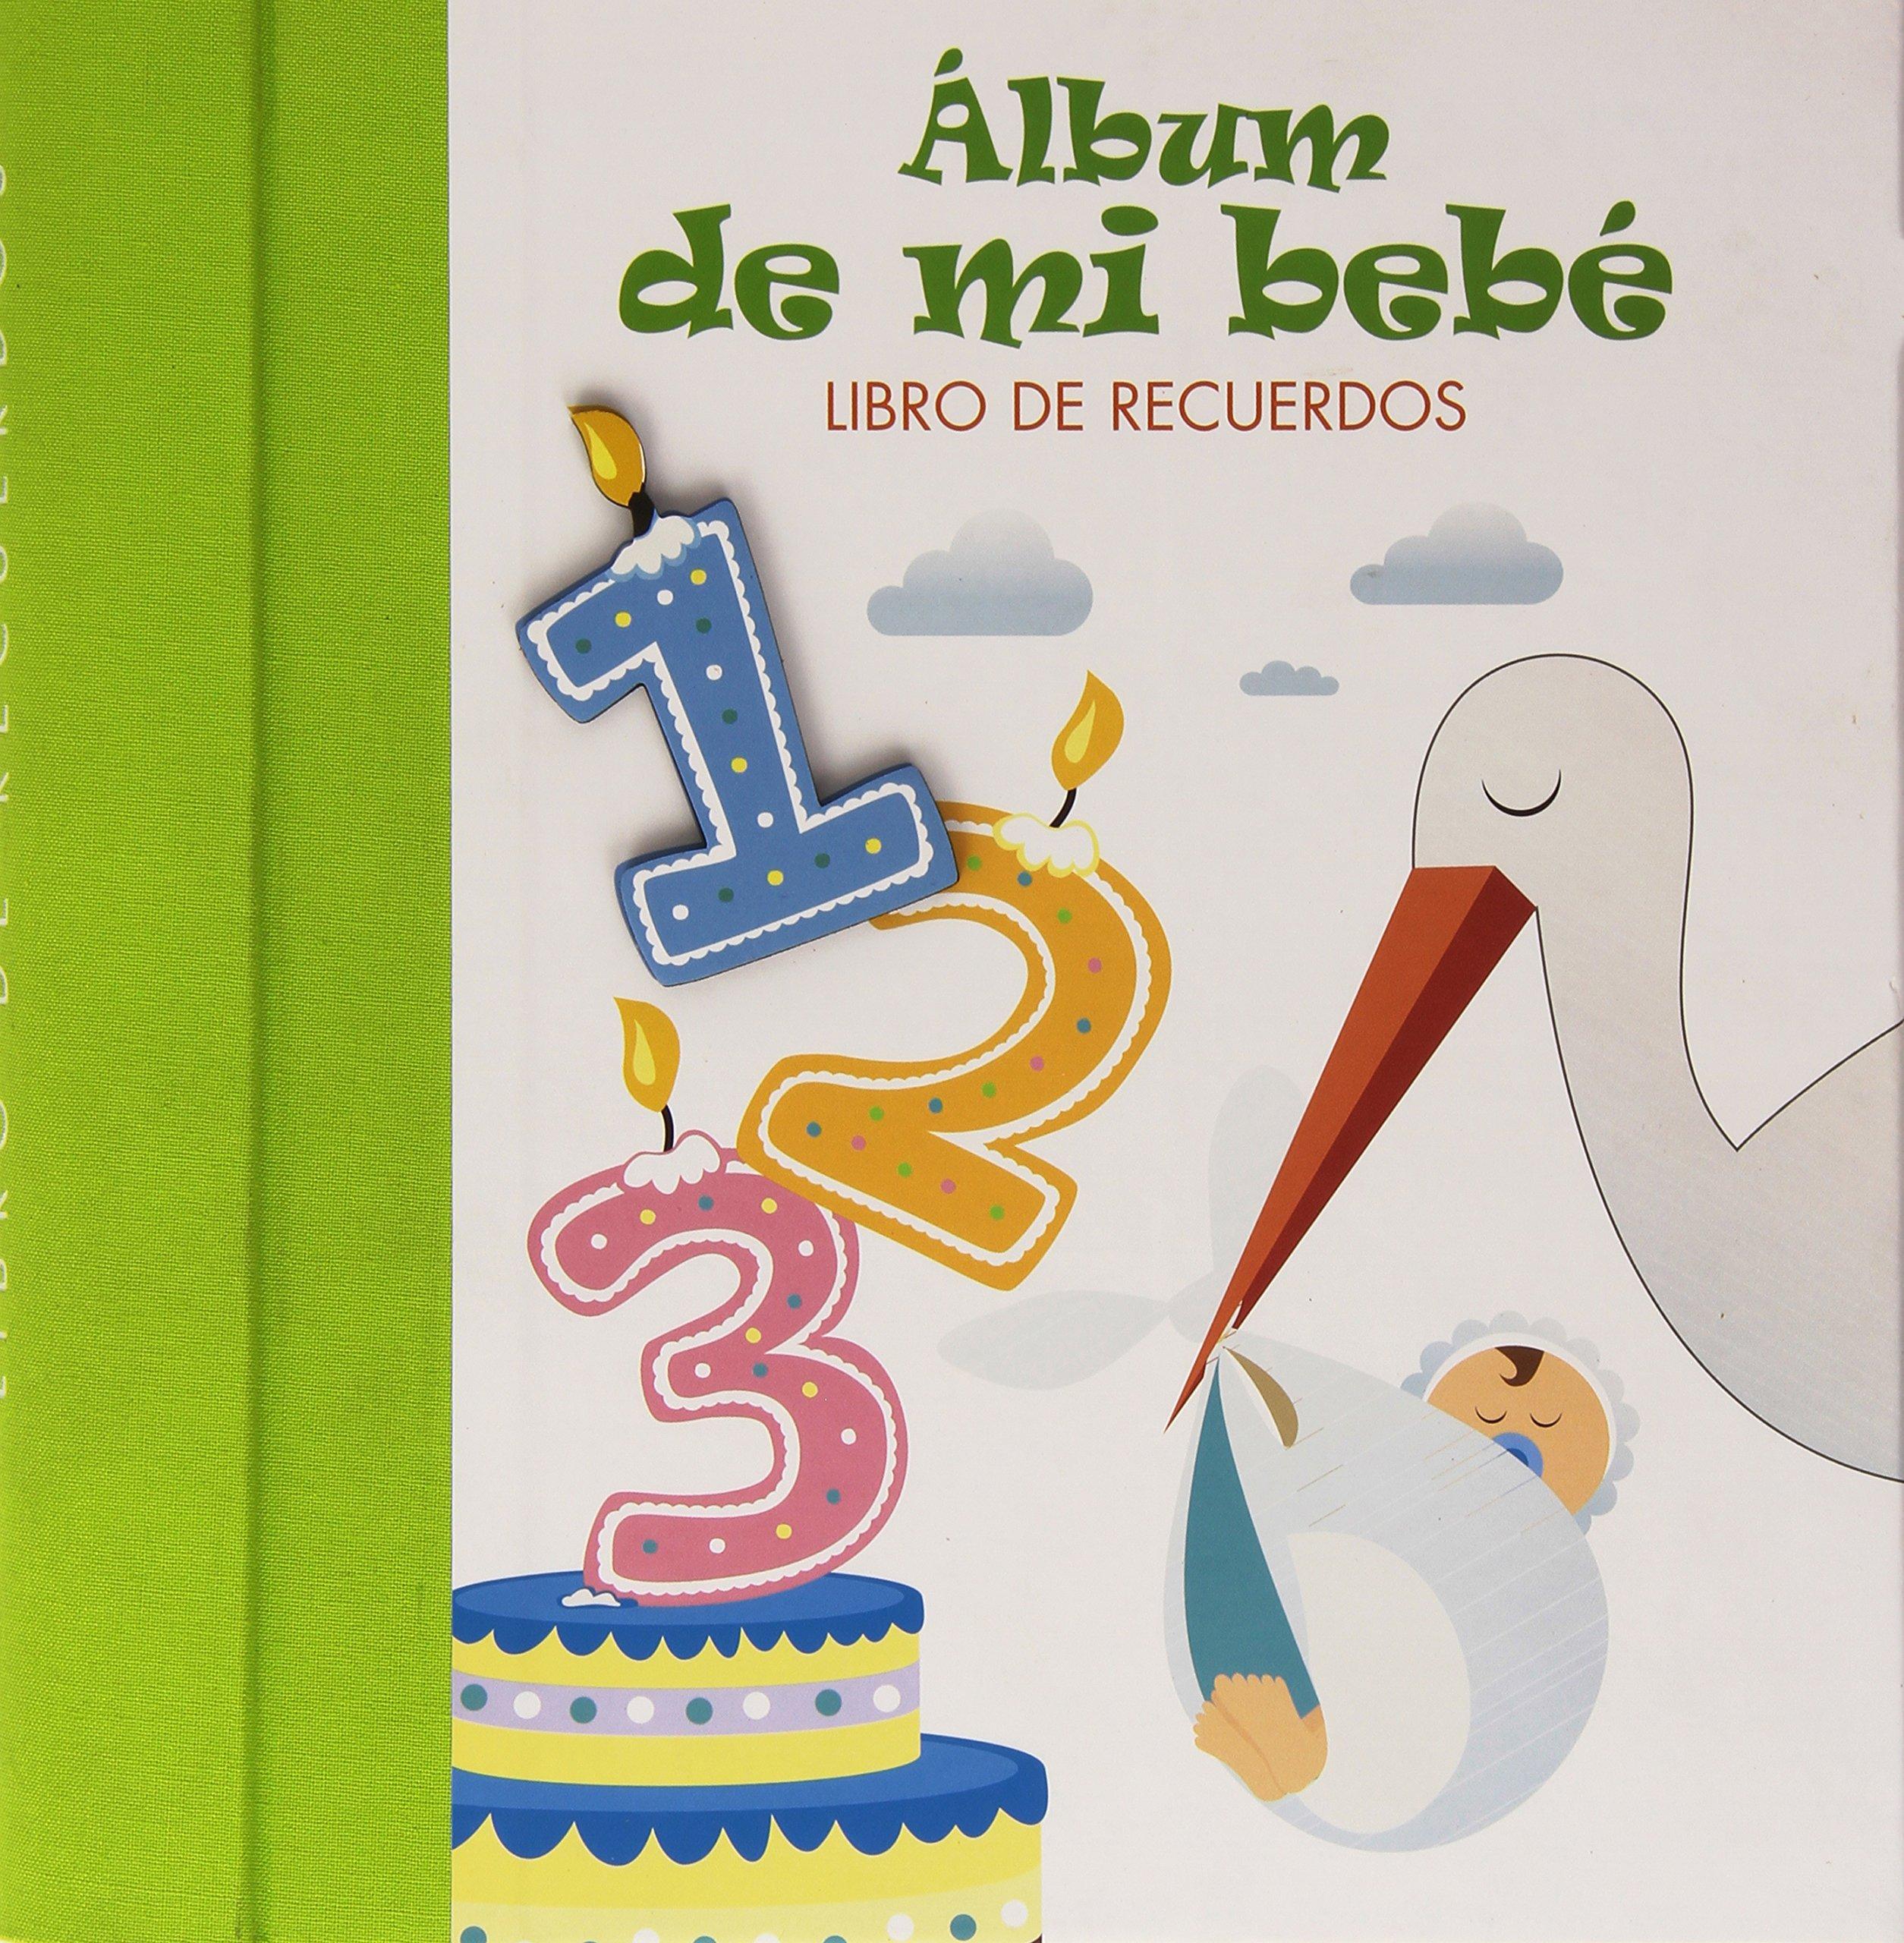 Álbum de mi bebé: Libro de recuerdos. VERDE Mi familia y yo ...